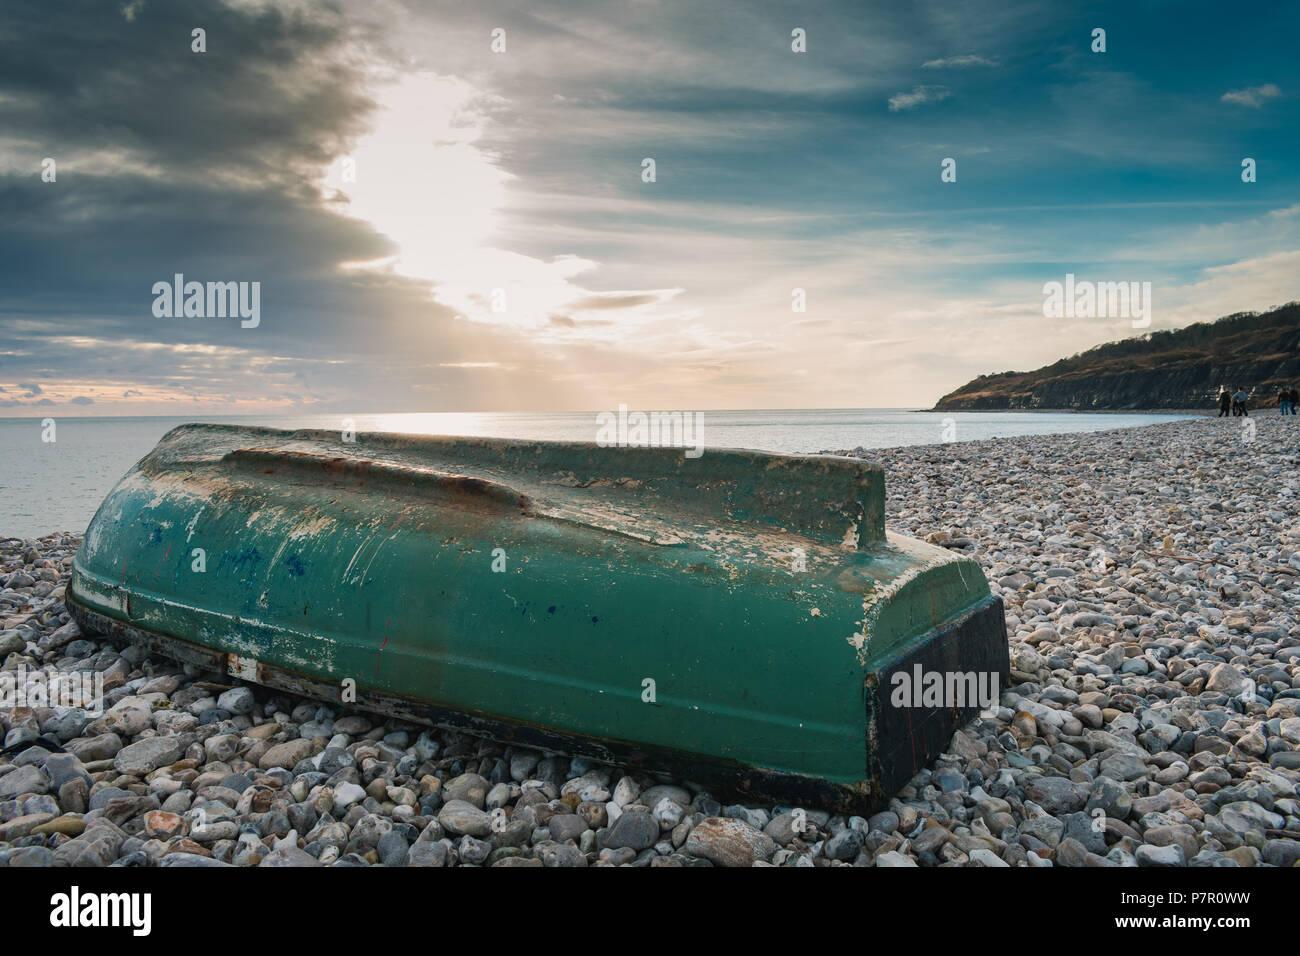 Upturned boat on Monmouth Beach in Lyme Regis, Dorset, UK - Stock Image